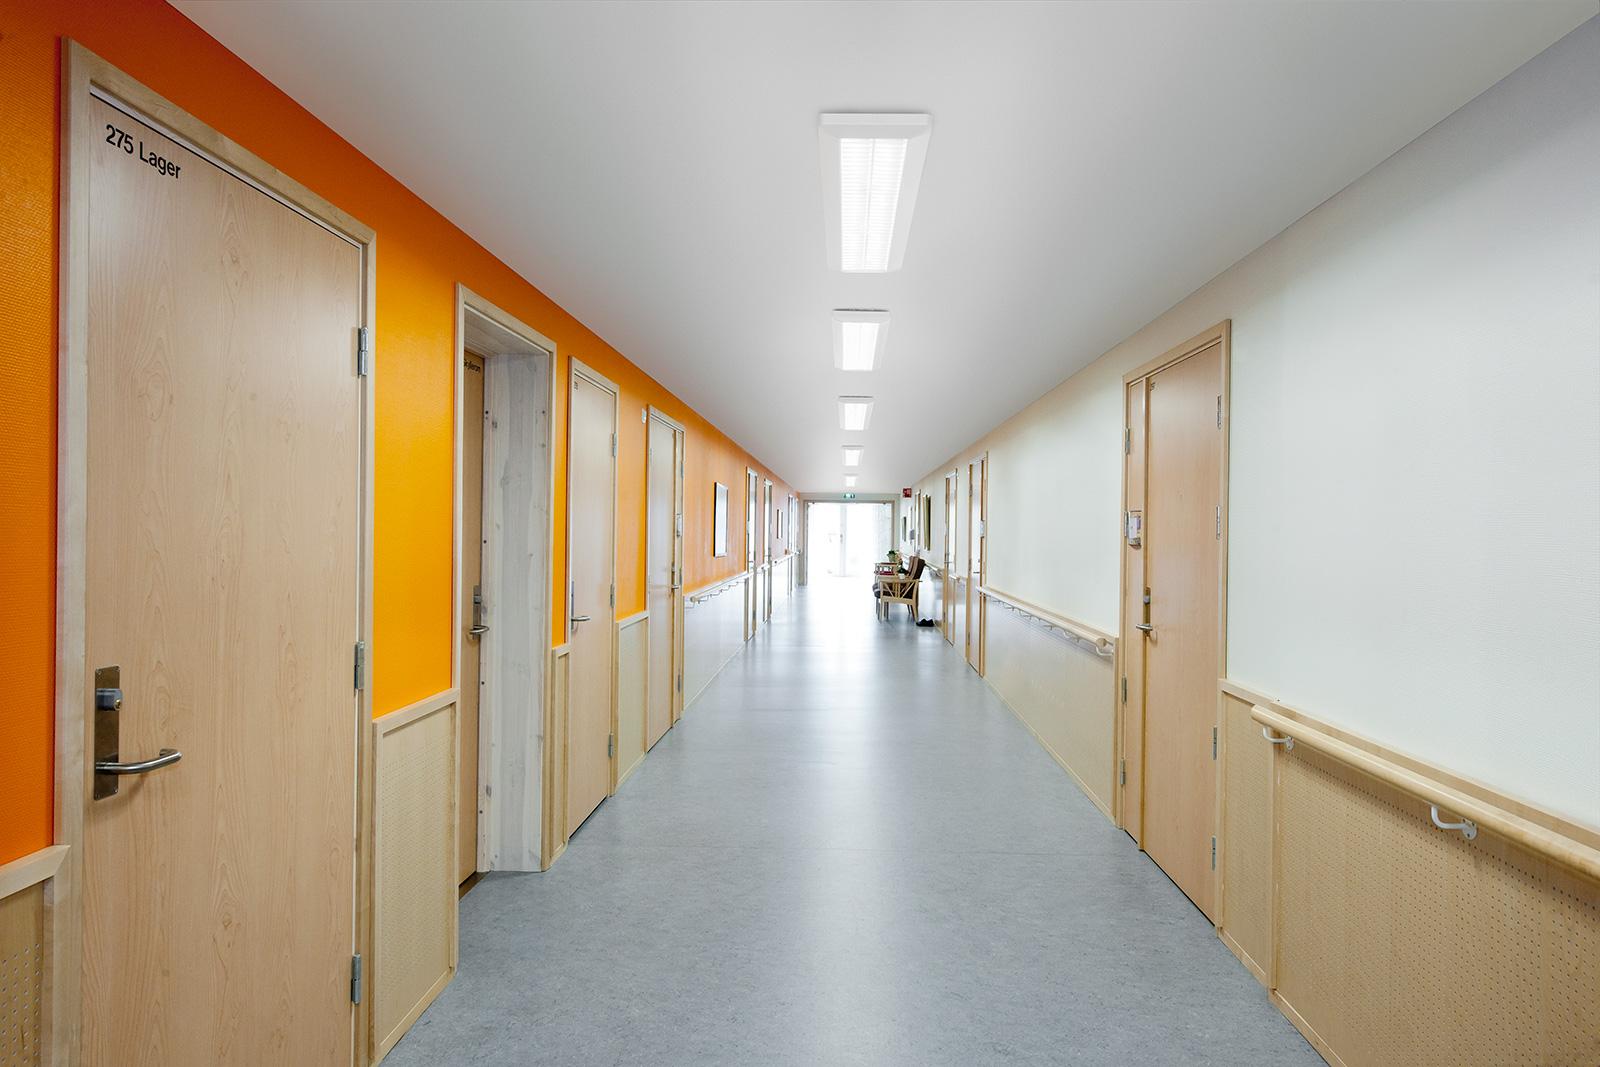 Korridor-7276-B.jpg